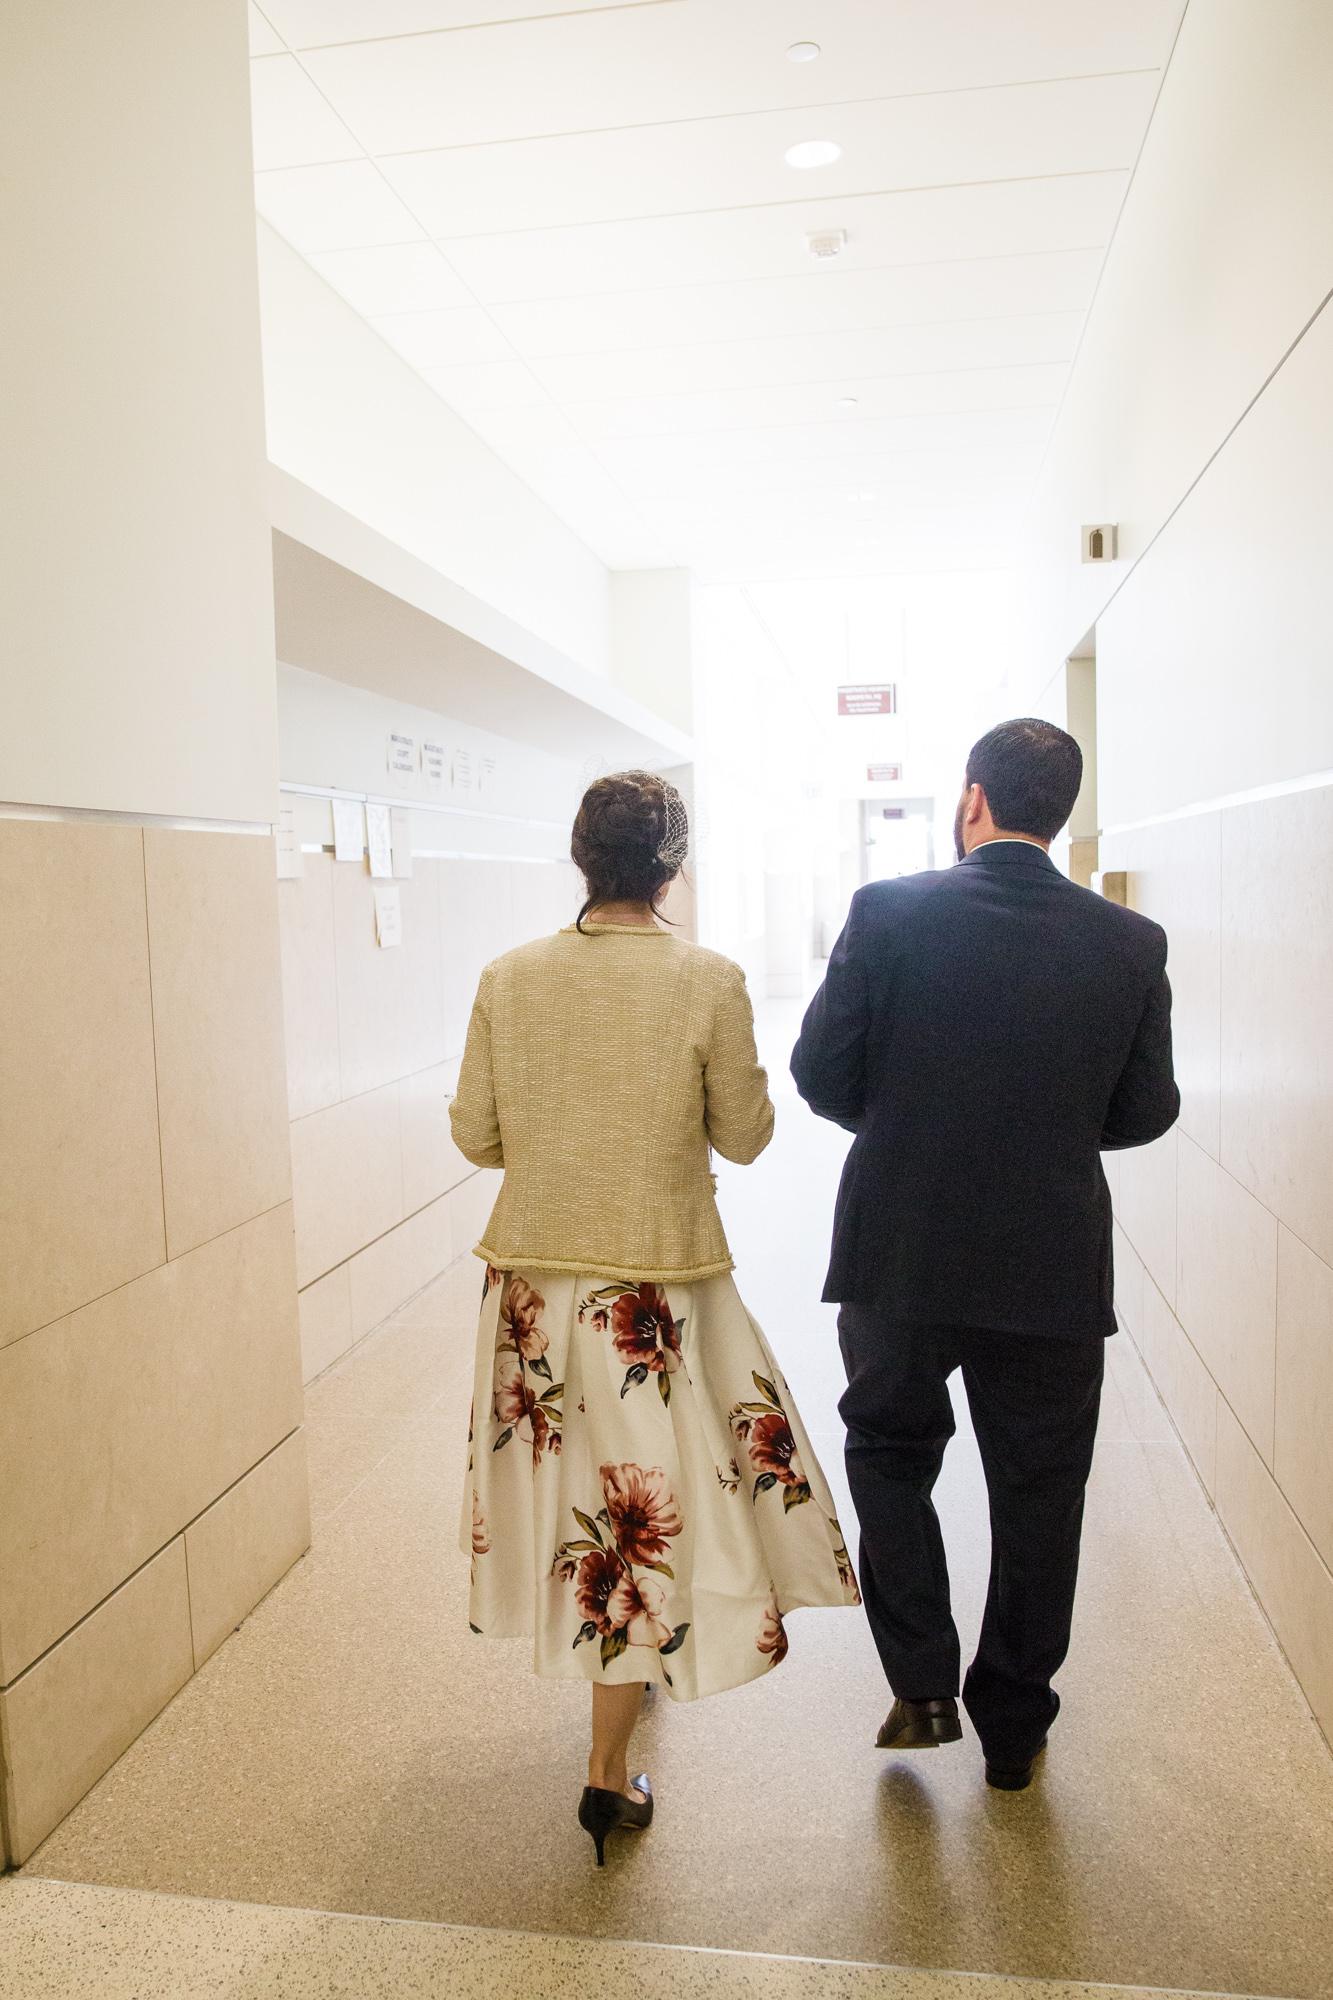 2018_10_17_mowita_drew_durham_courthouse_wedding-2527.jpg